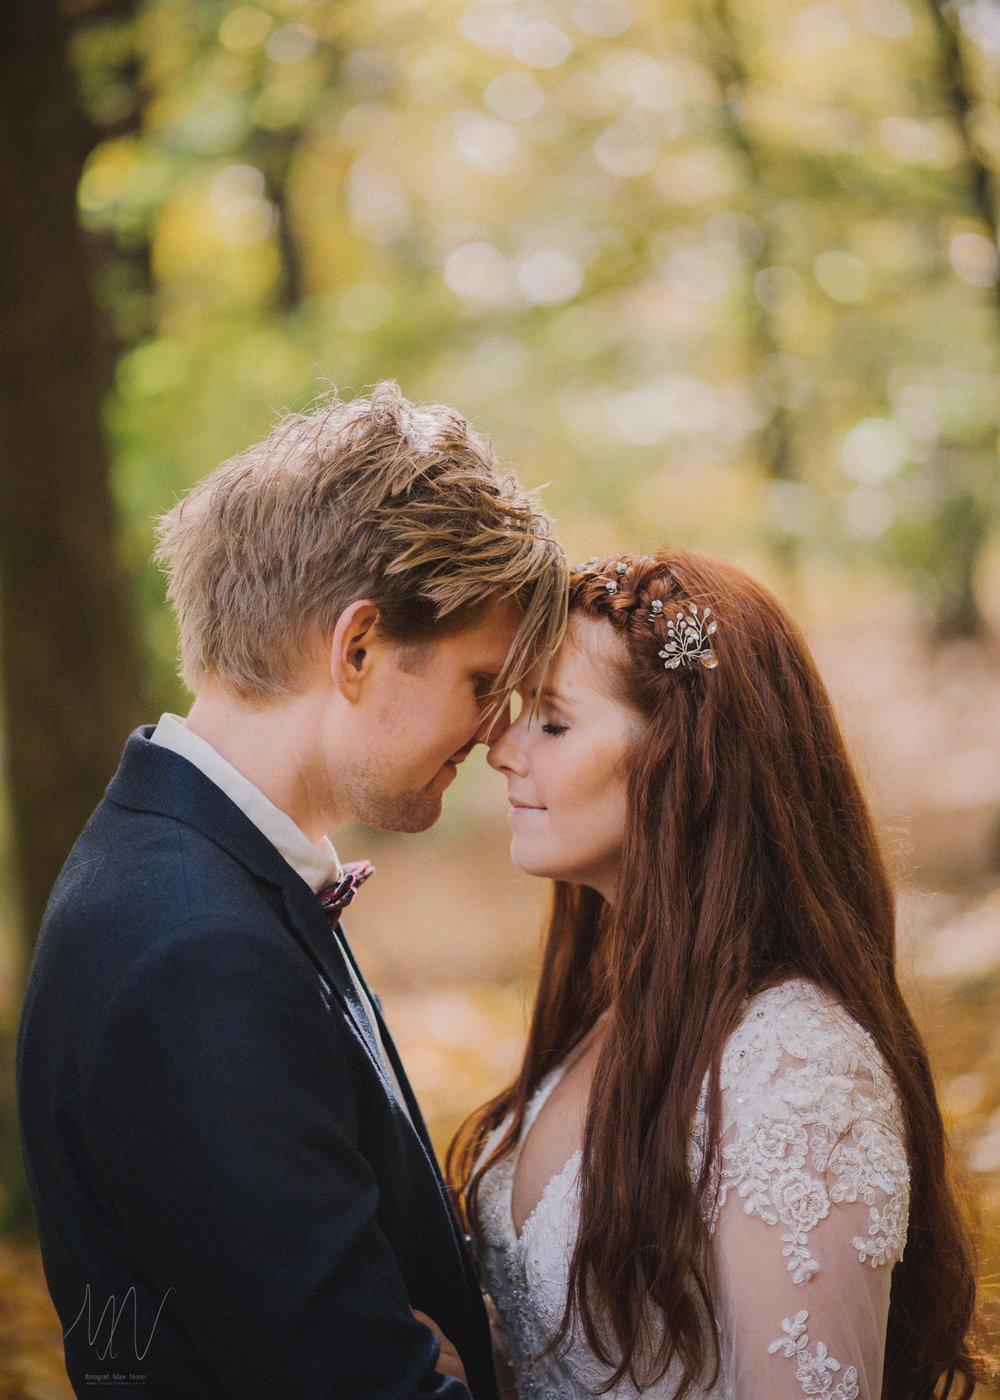 Bröllopsfoto-13okt-fotograf-max-norin-532.jpg